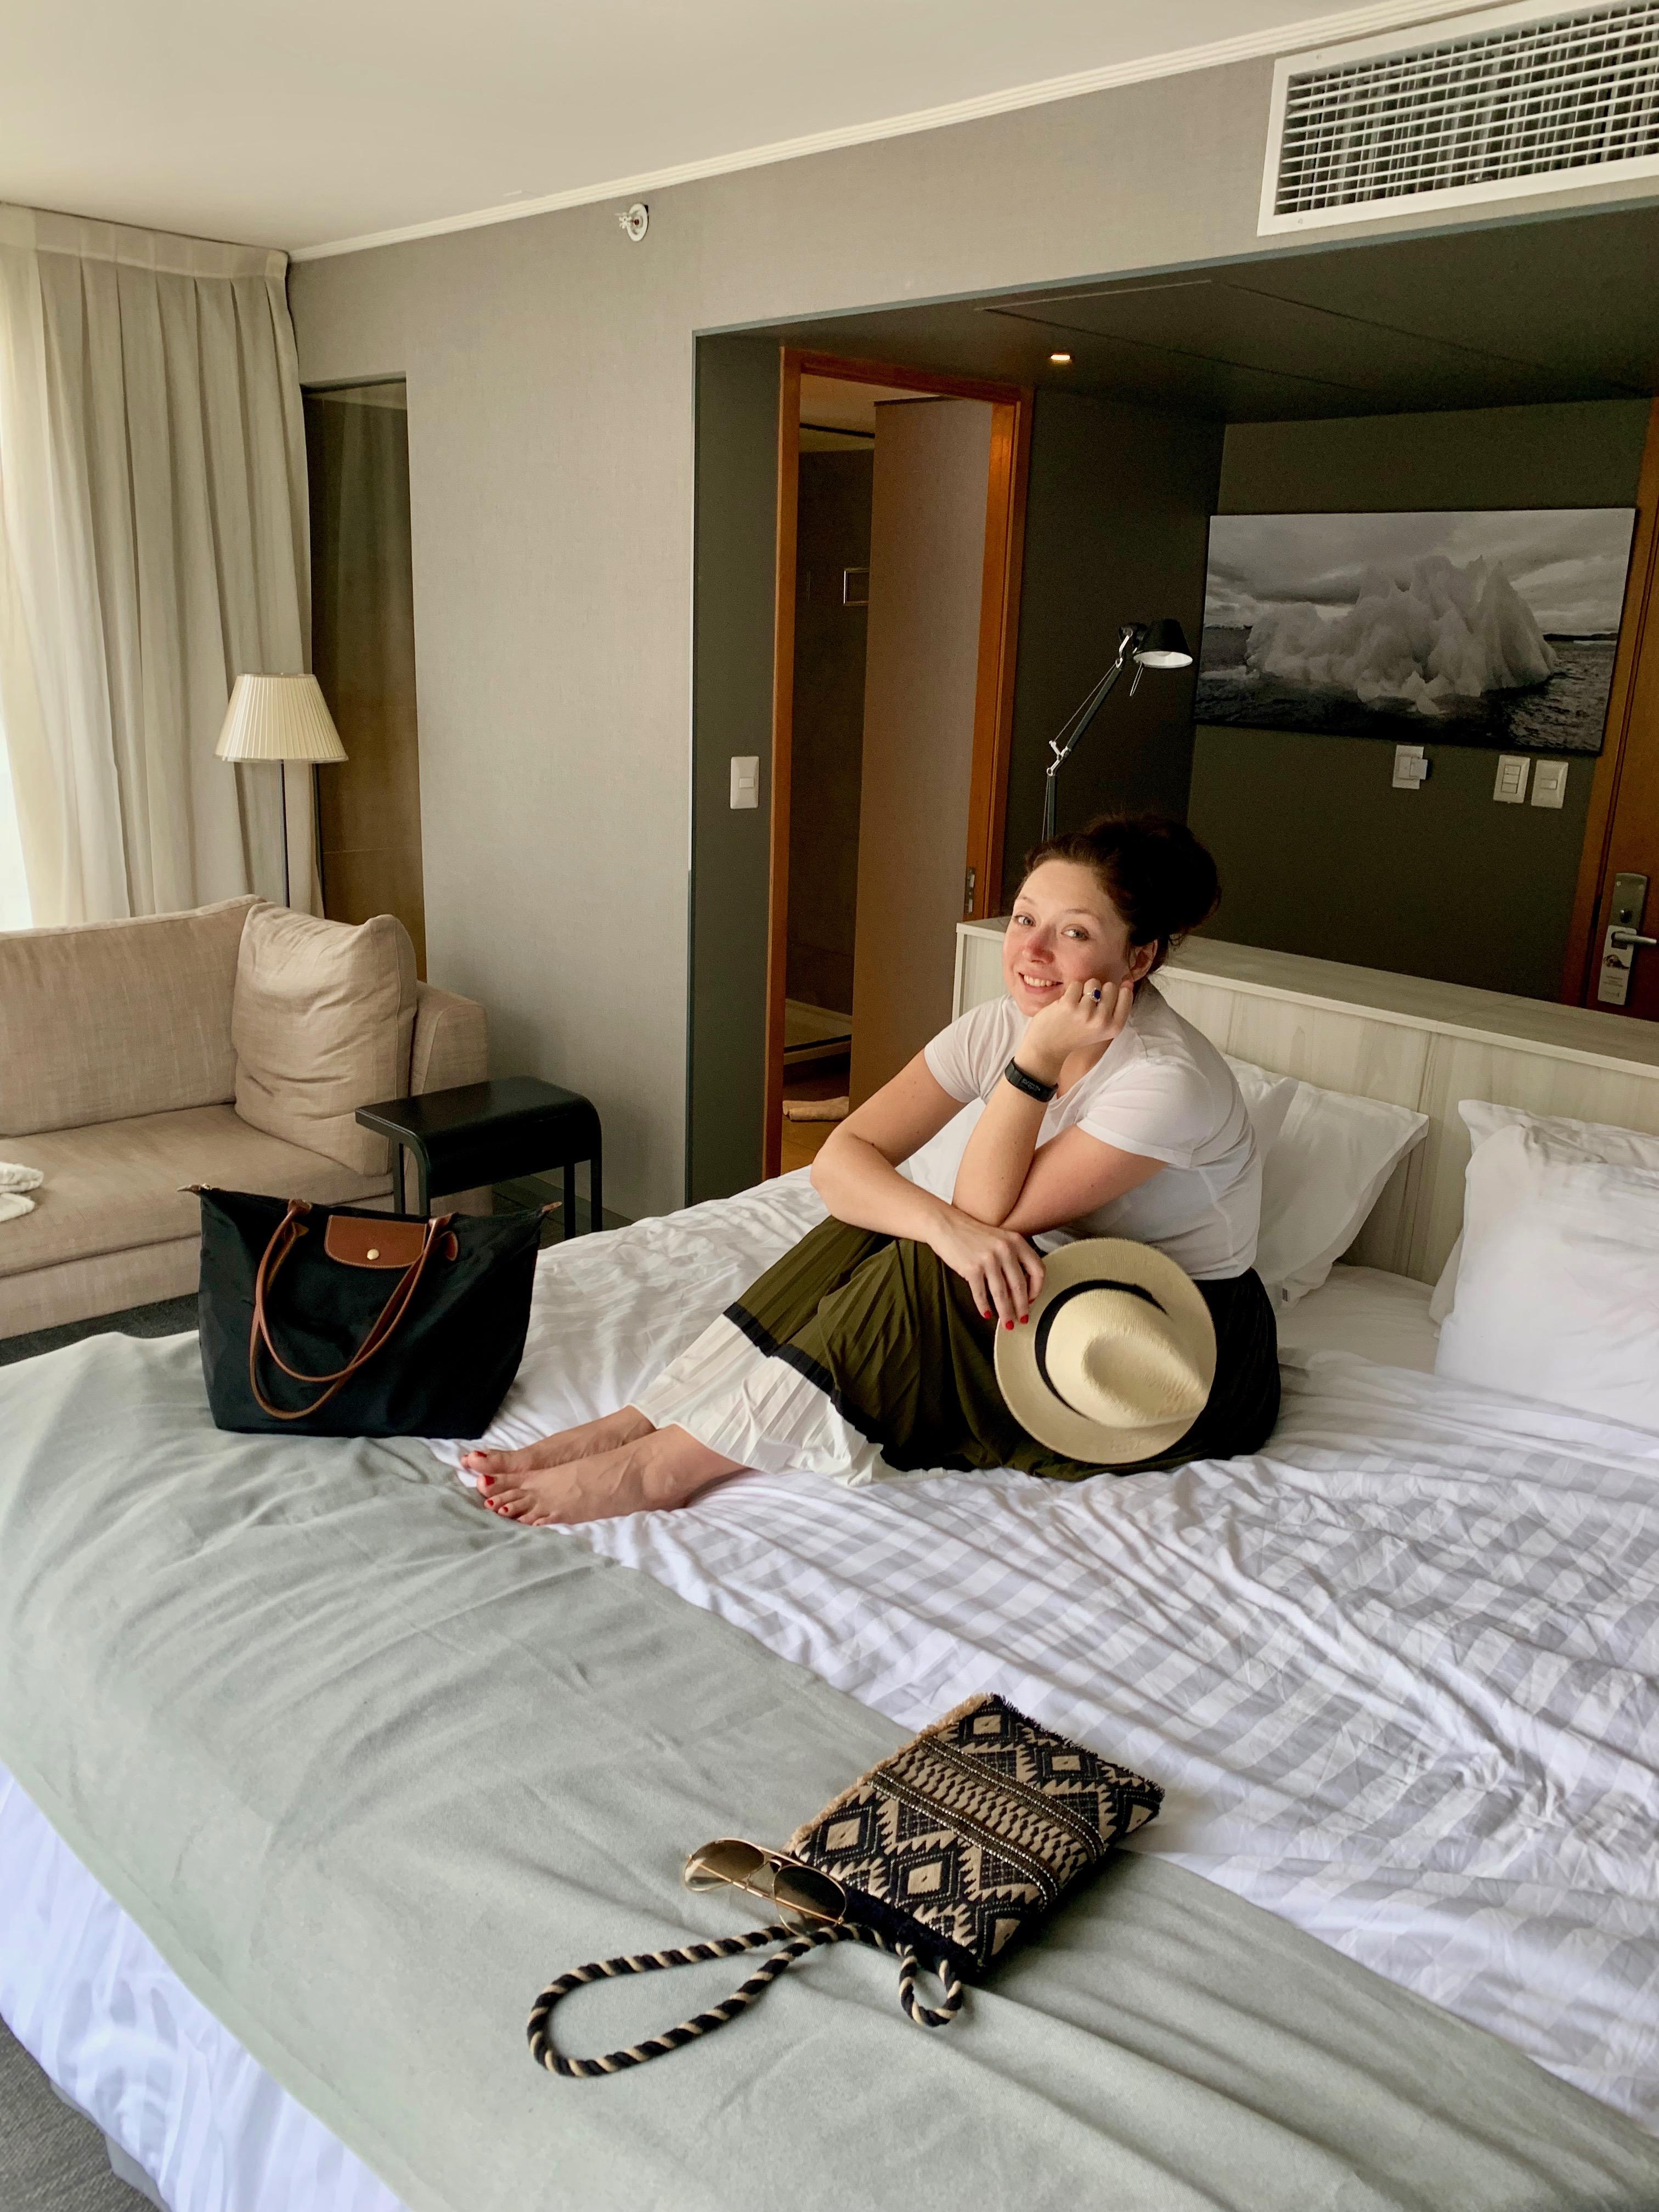 Hotel Solace Santiago, Chile - StefanieGrace.com